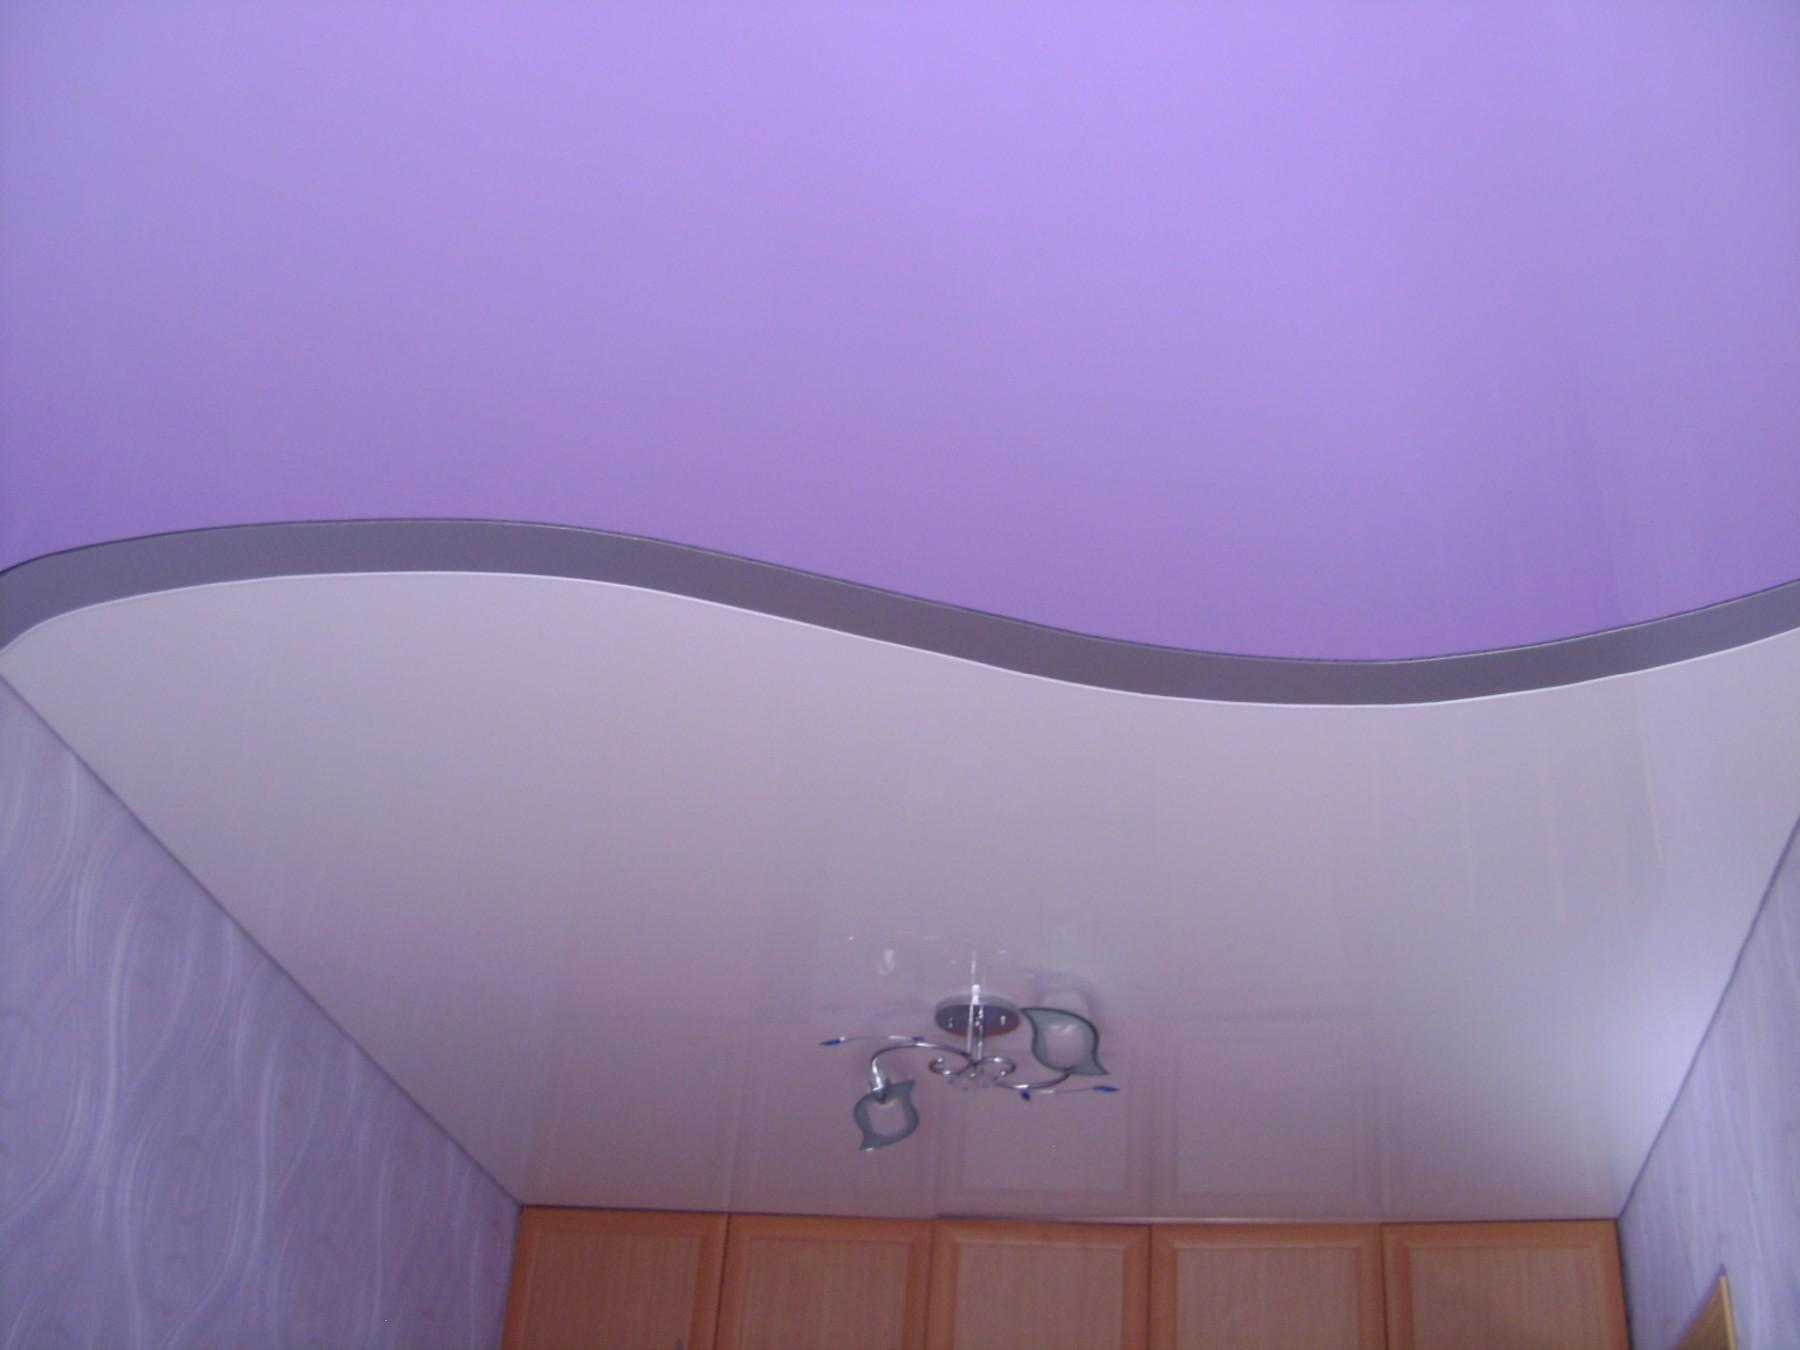 Как правильно подобрать цвет натяжного потолка. - Мир потолков 78